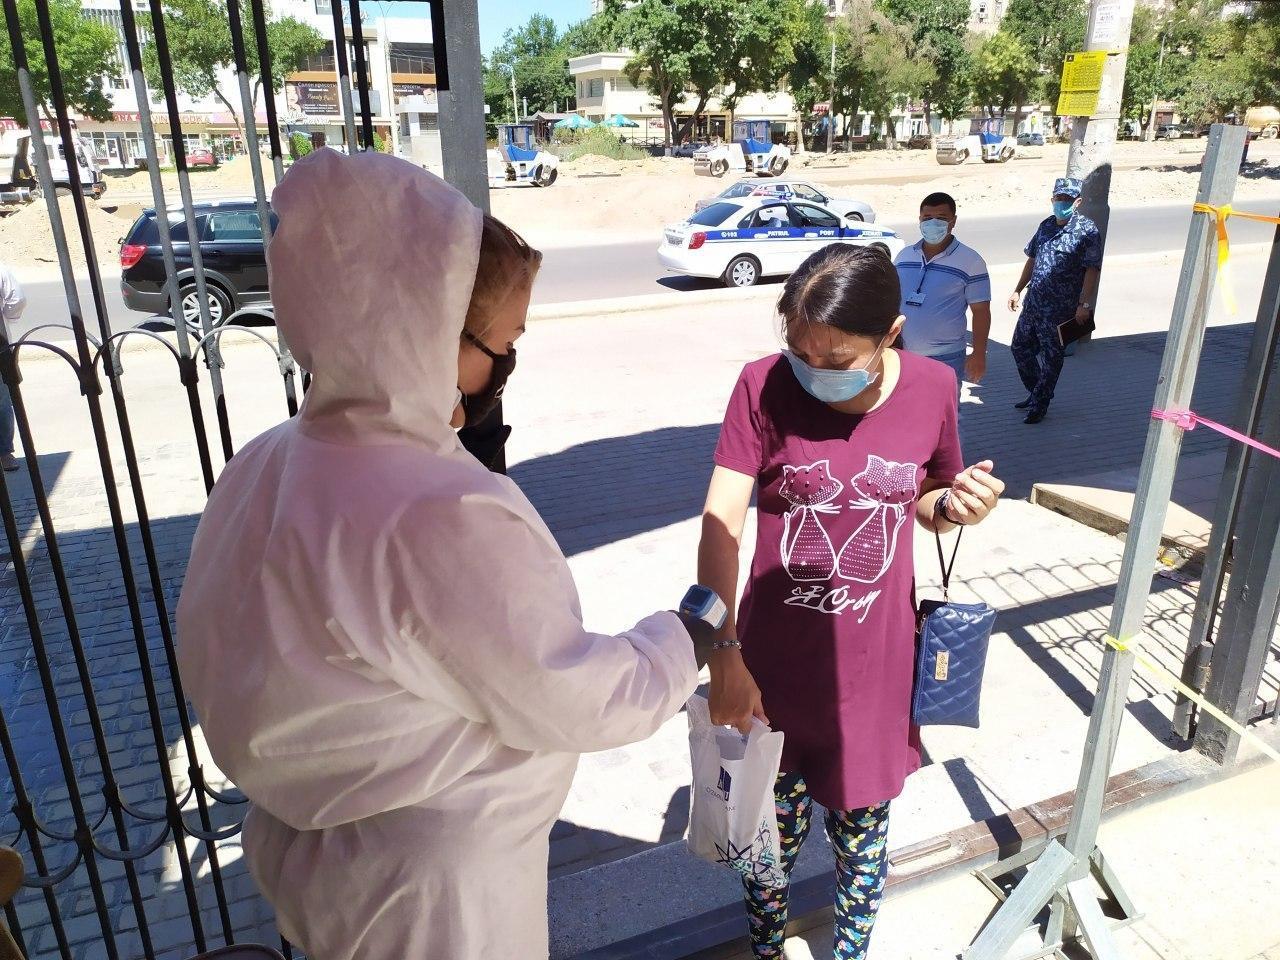 В Ташкенте выявили свыше 200 случаев заражения коронавирусом — статистика